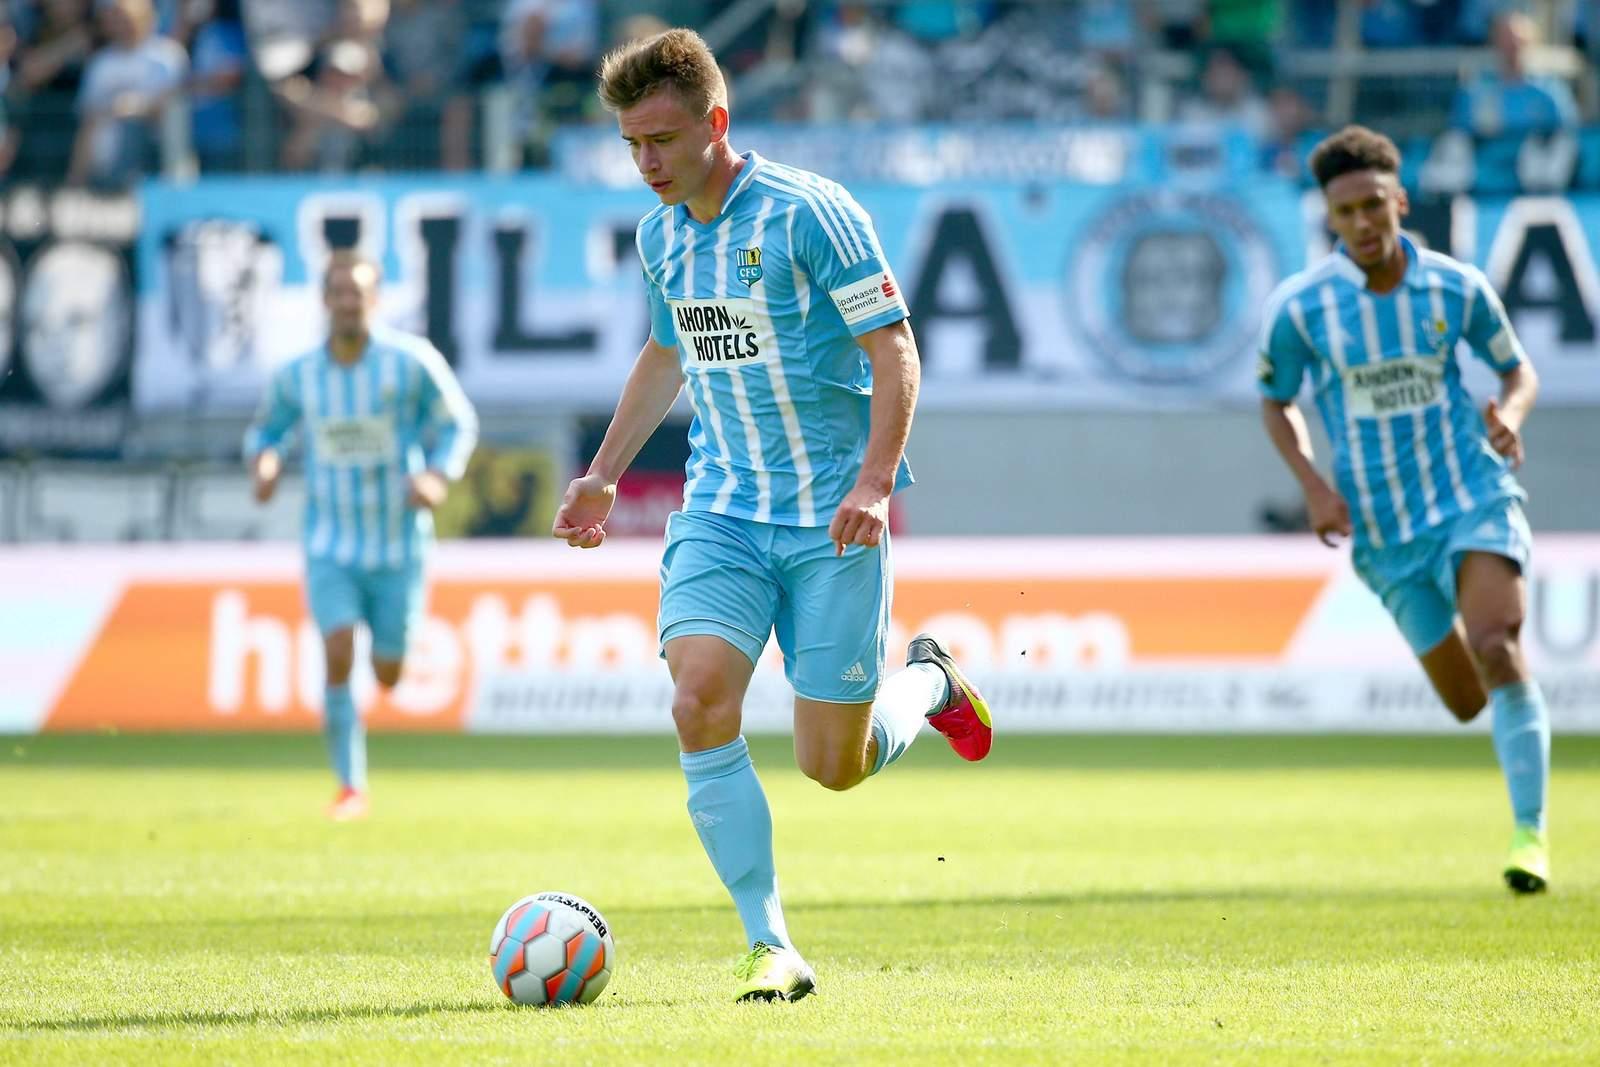 Florian Hansch vom Chemnitzer FC am Ball.